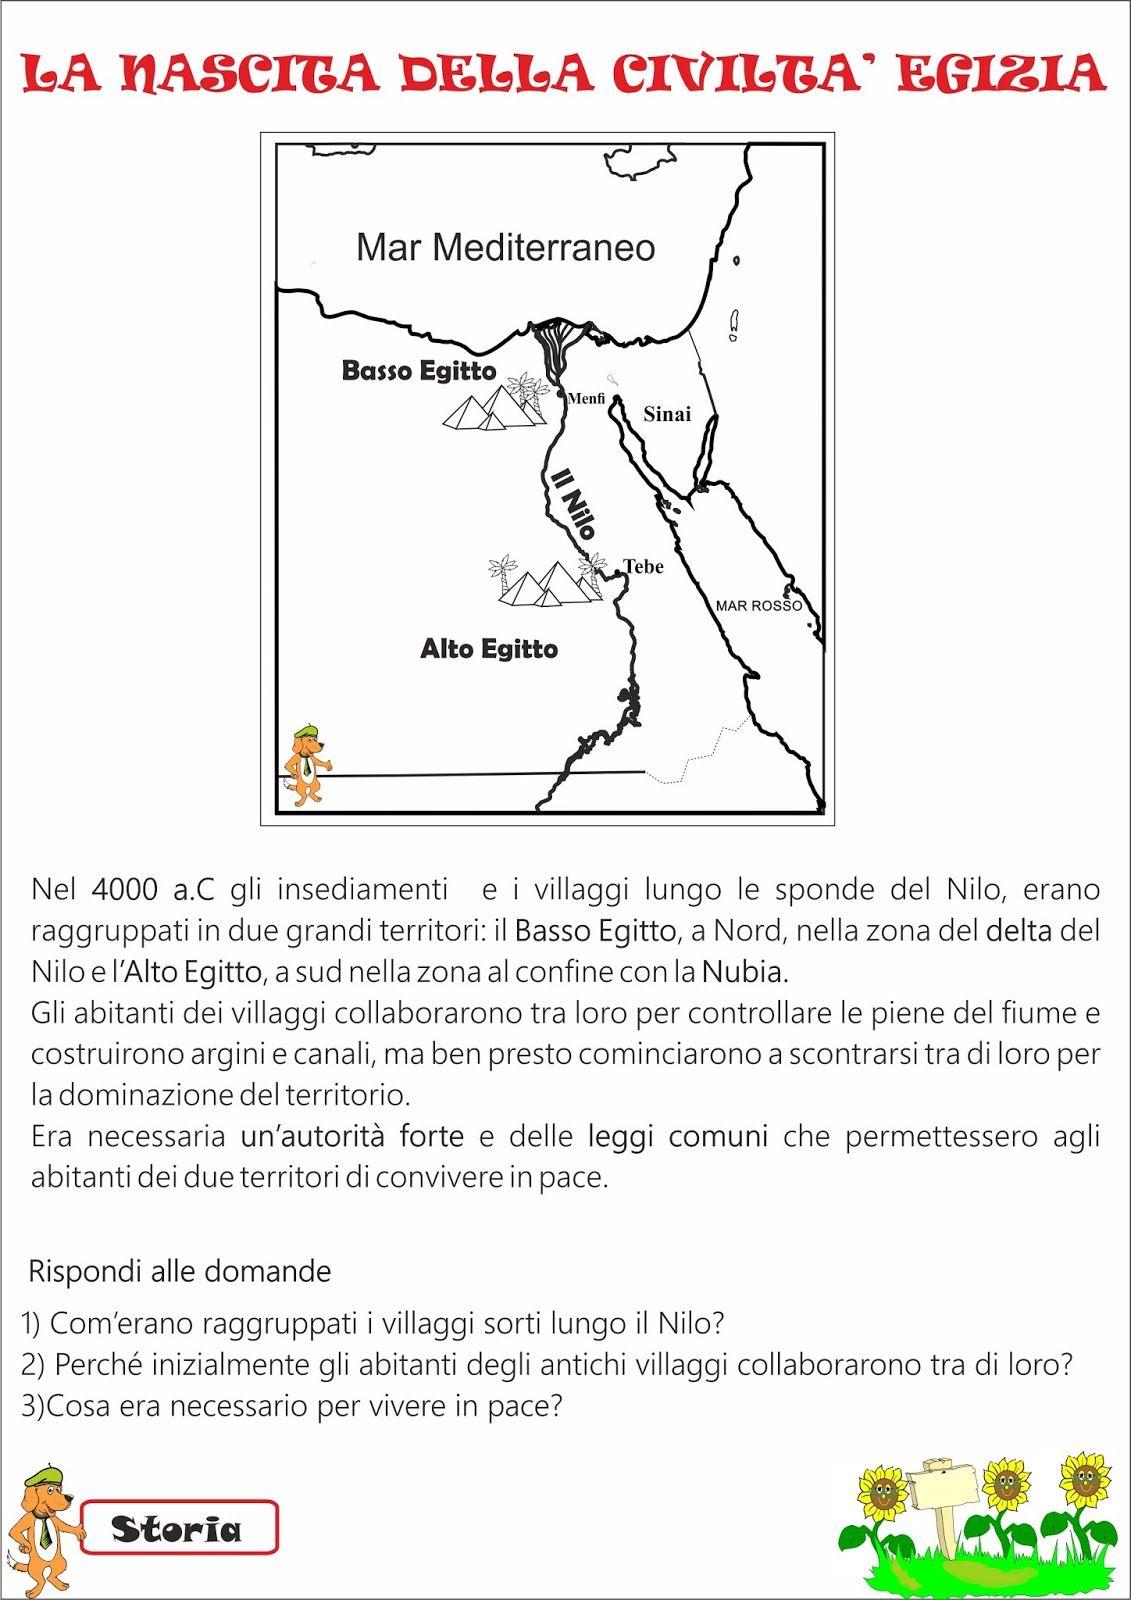 Cartina Dell Antico Egitto Da Colorare.La Nascita Della Civilta Egizia Egiziano Civilta Lapbook